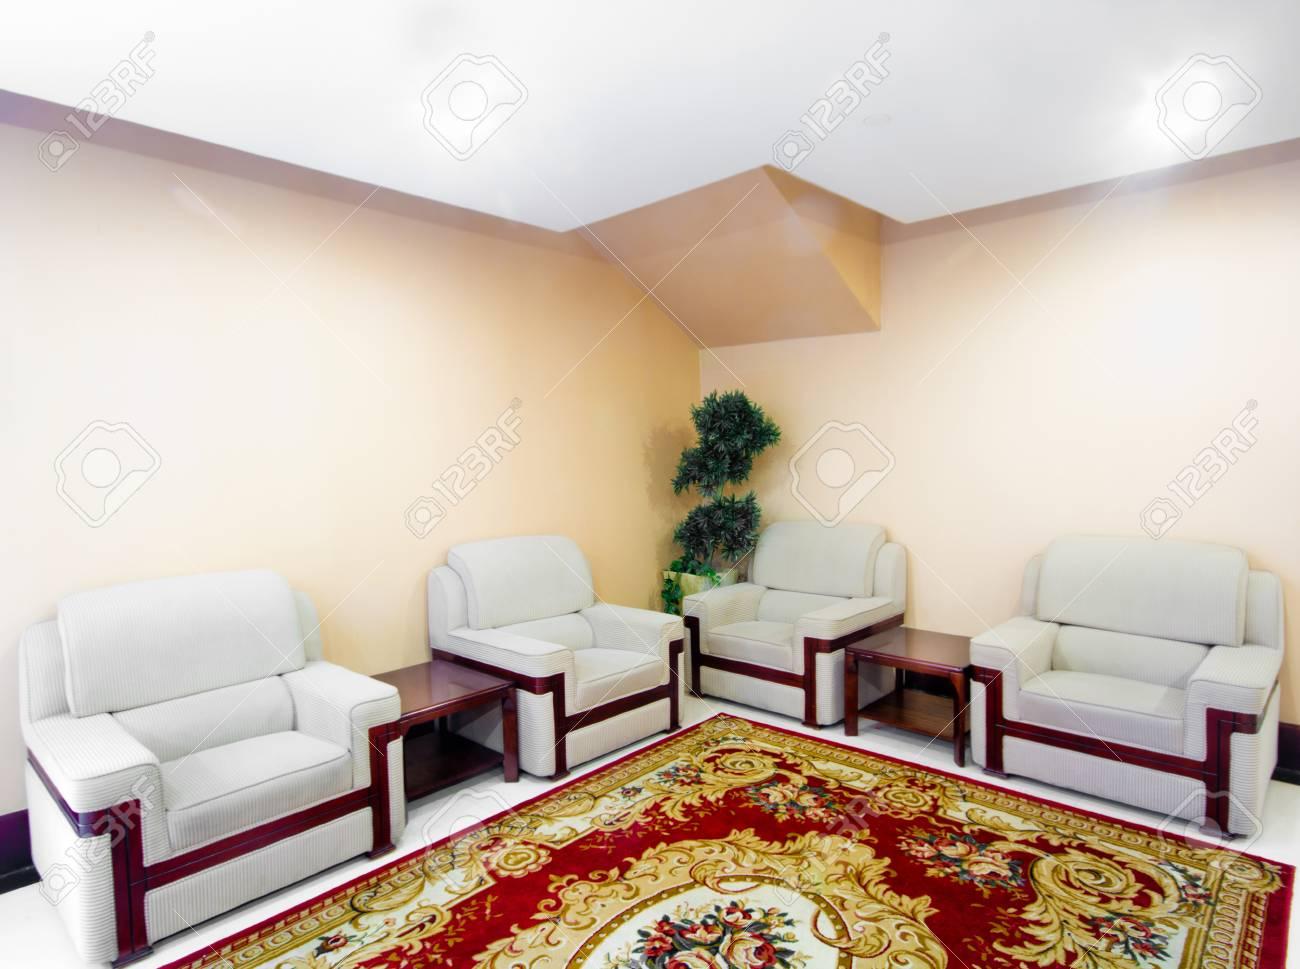 Soggiorno Indoor Divano E Tappeto Foto Royalty Free, Immagini ...